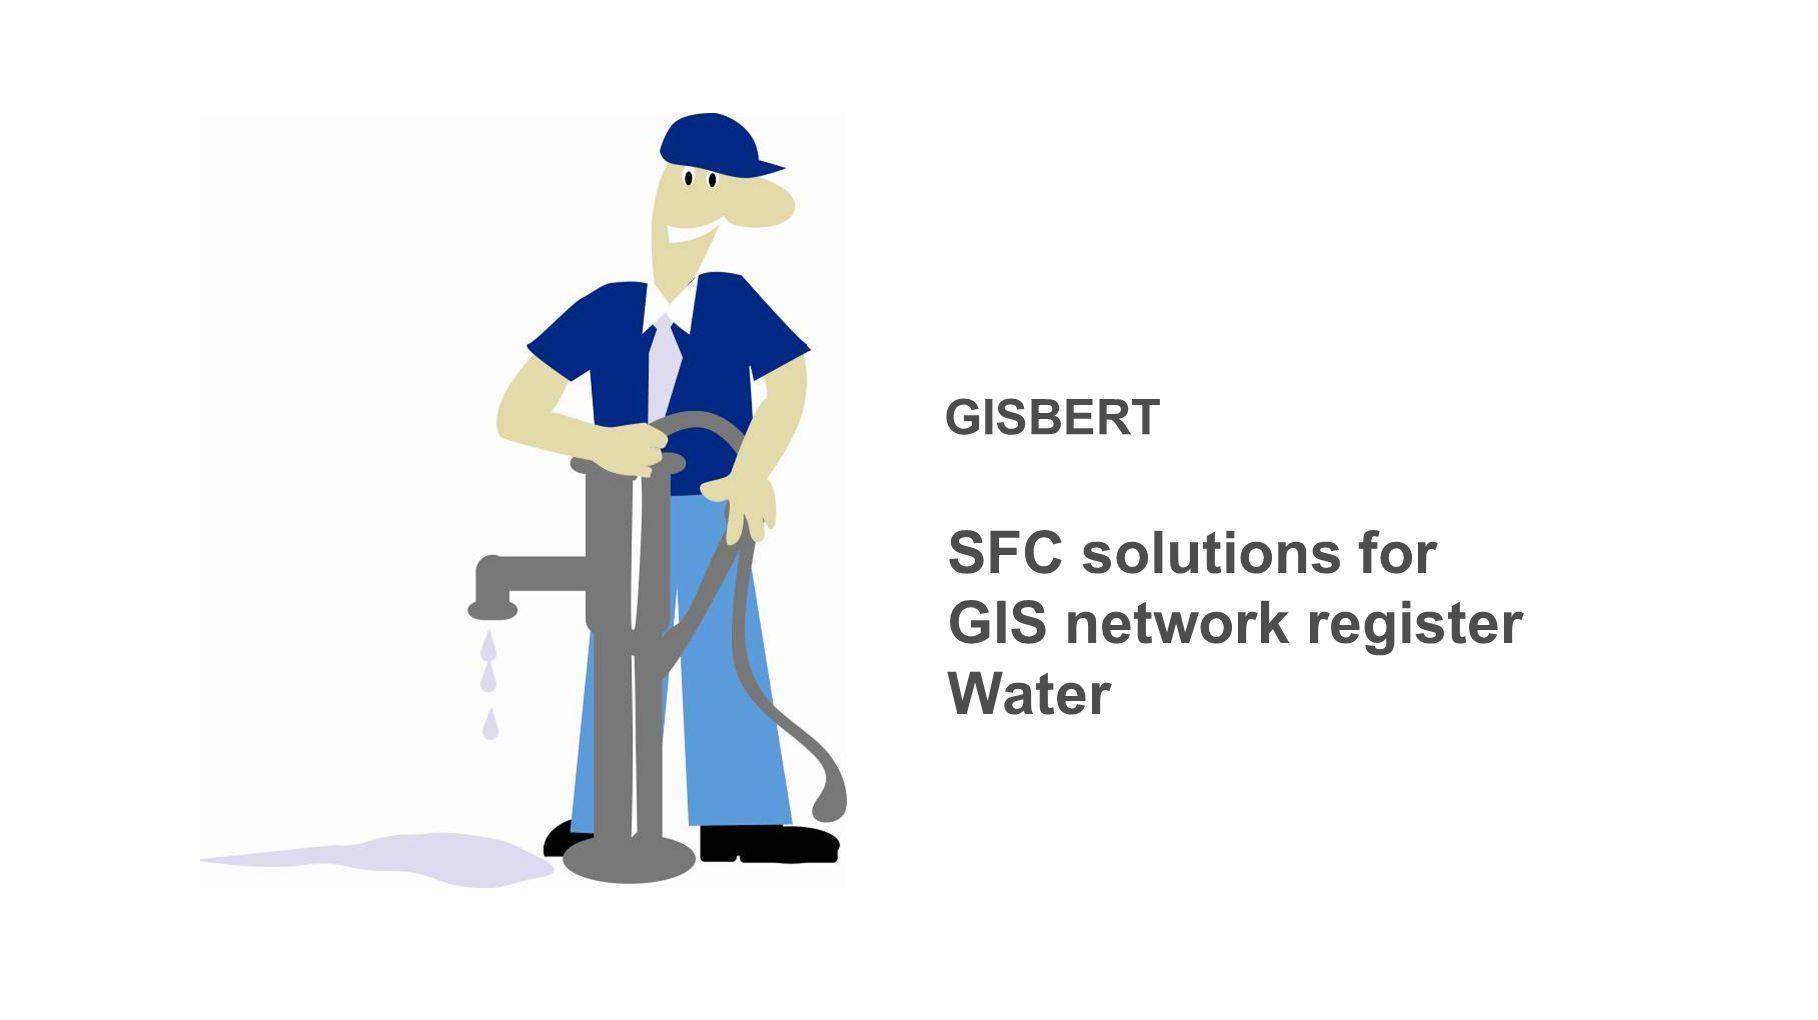 SFC solutions for GIS network register Water GISBERT